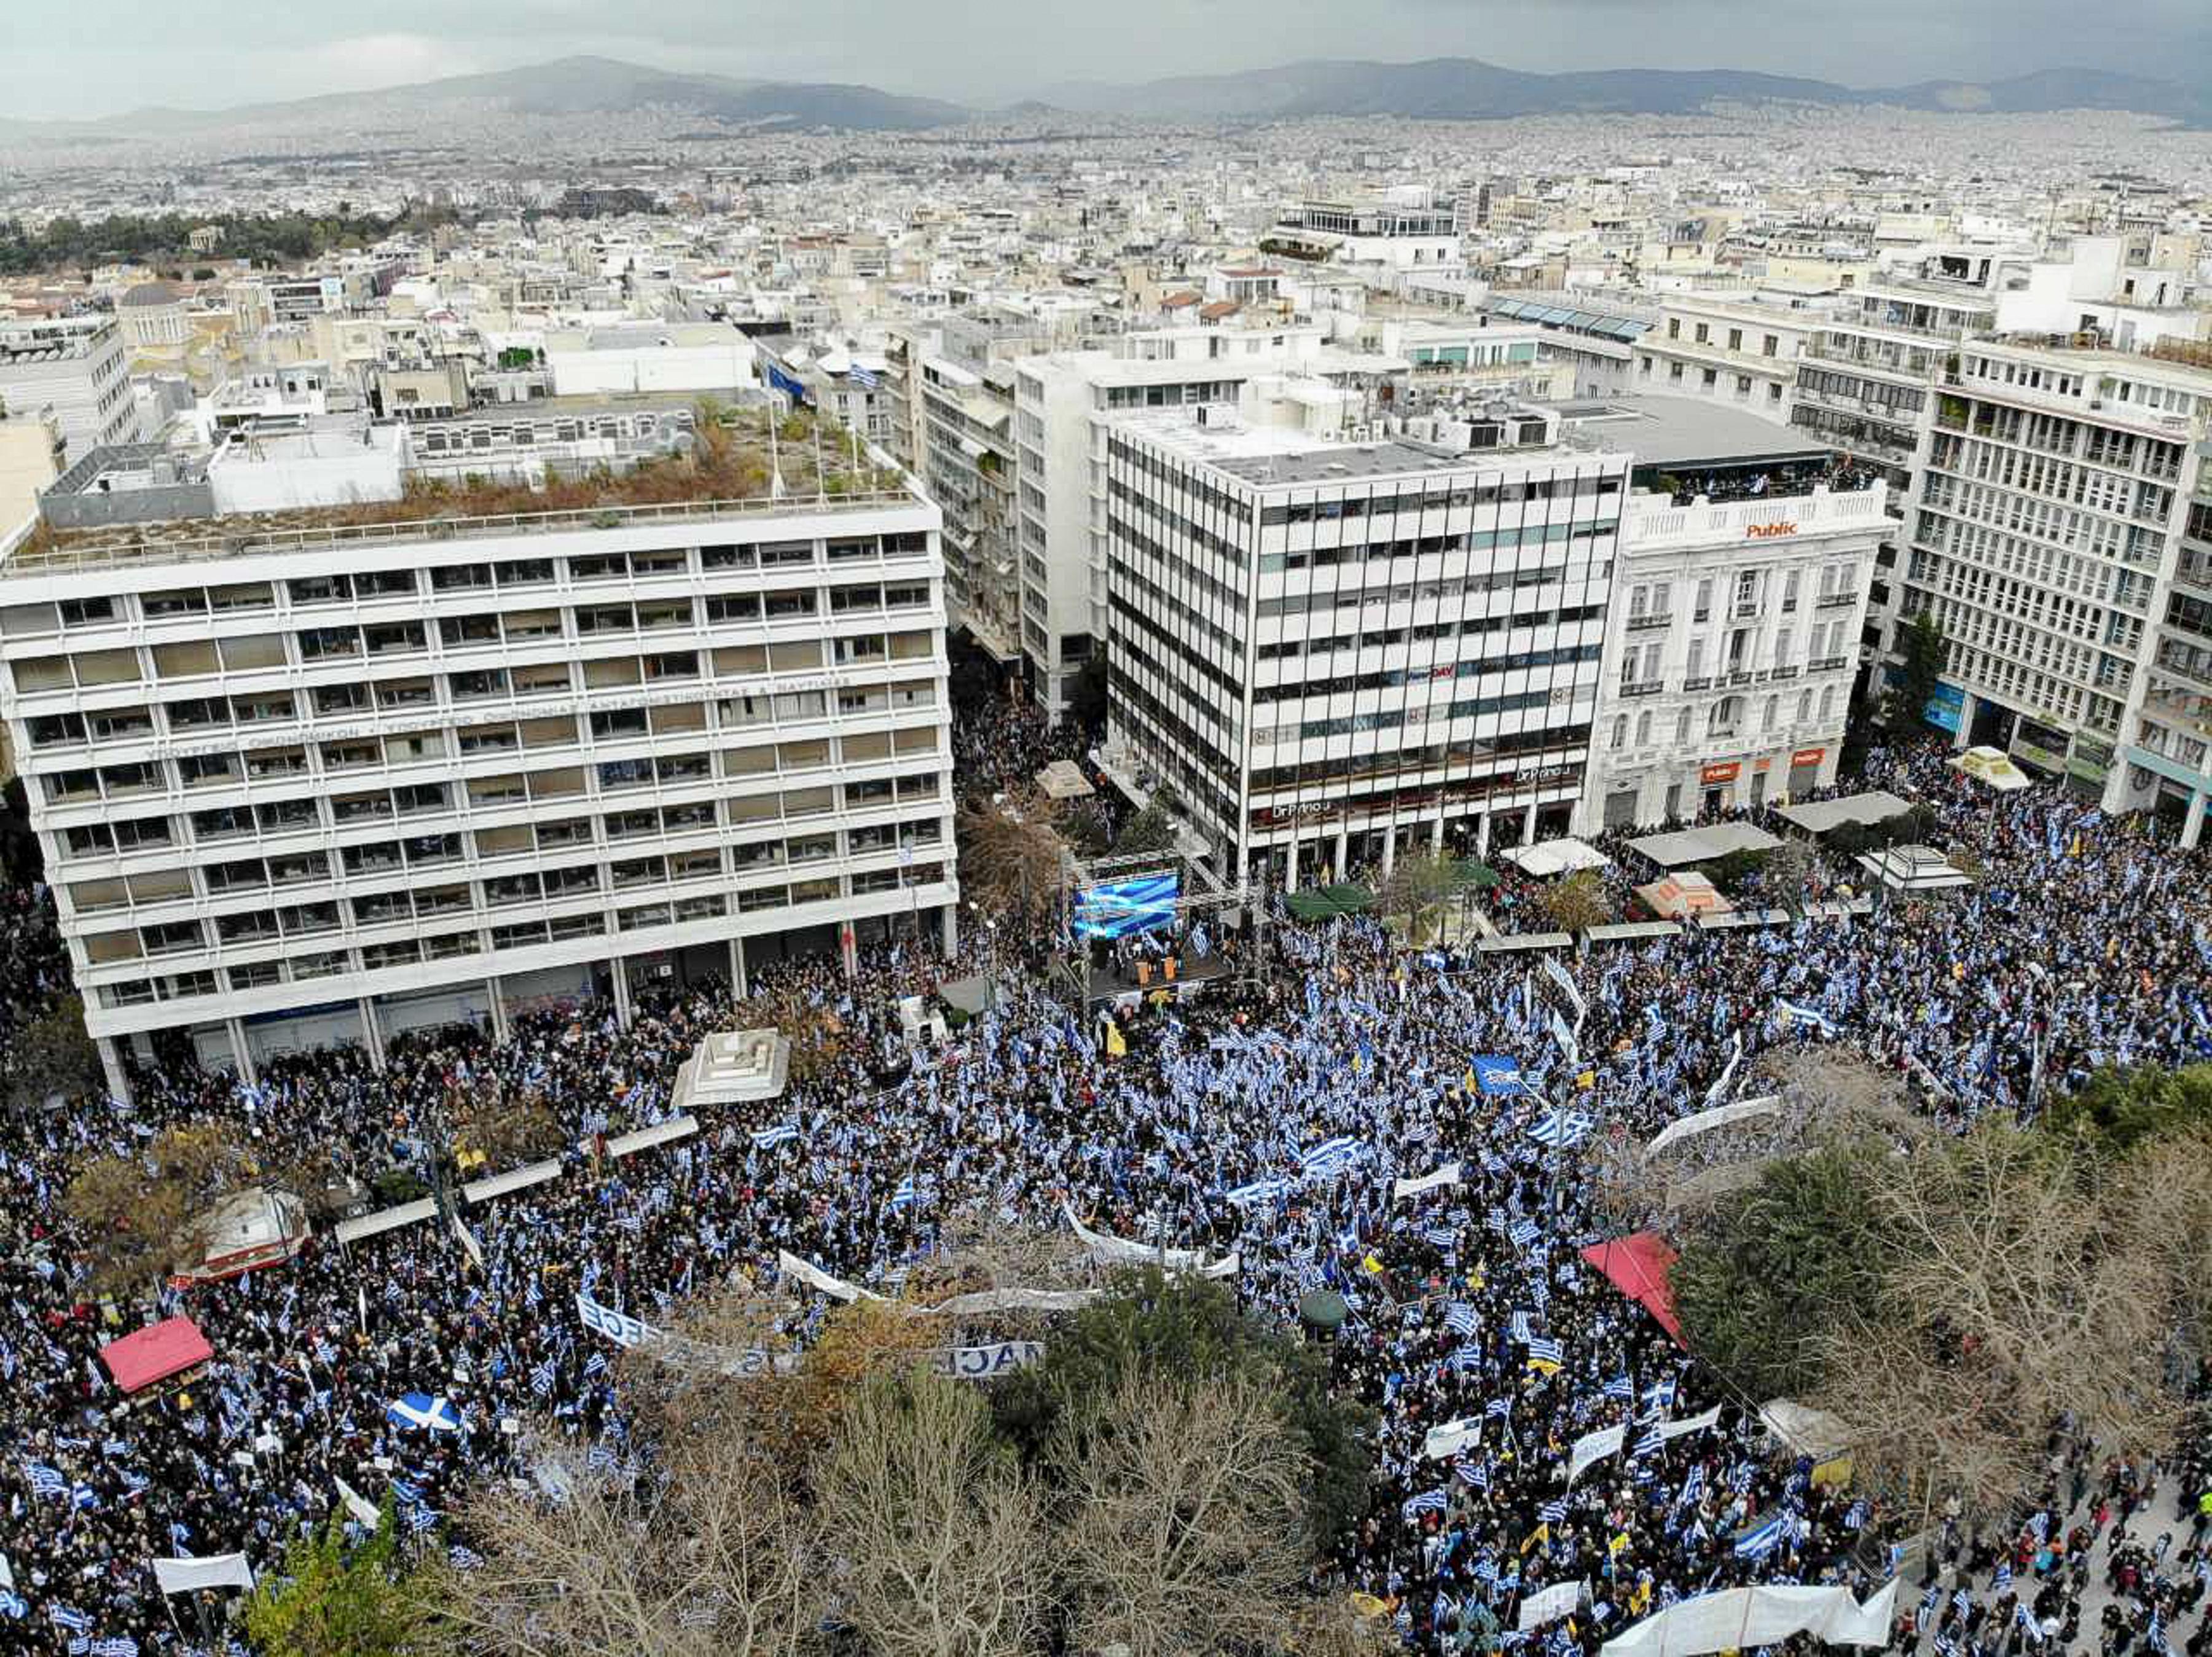 epeisodia-kai-chimika-sto-syllalitirio-sto-syntagma-amp-8211-epta-syllipseis-kai-pente-prosagoges-fotografies41